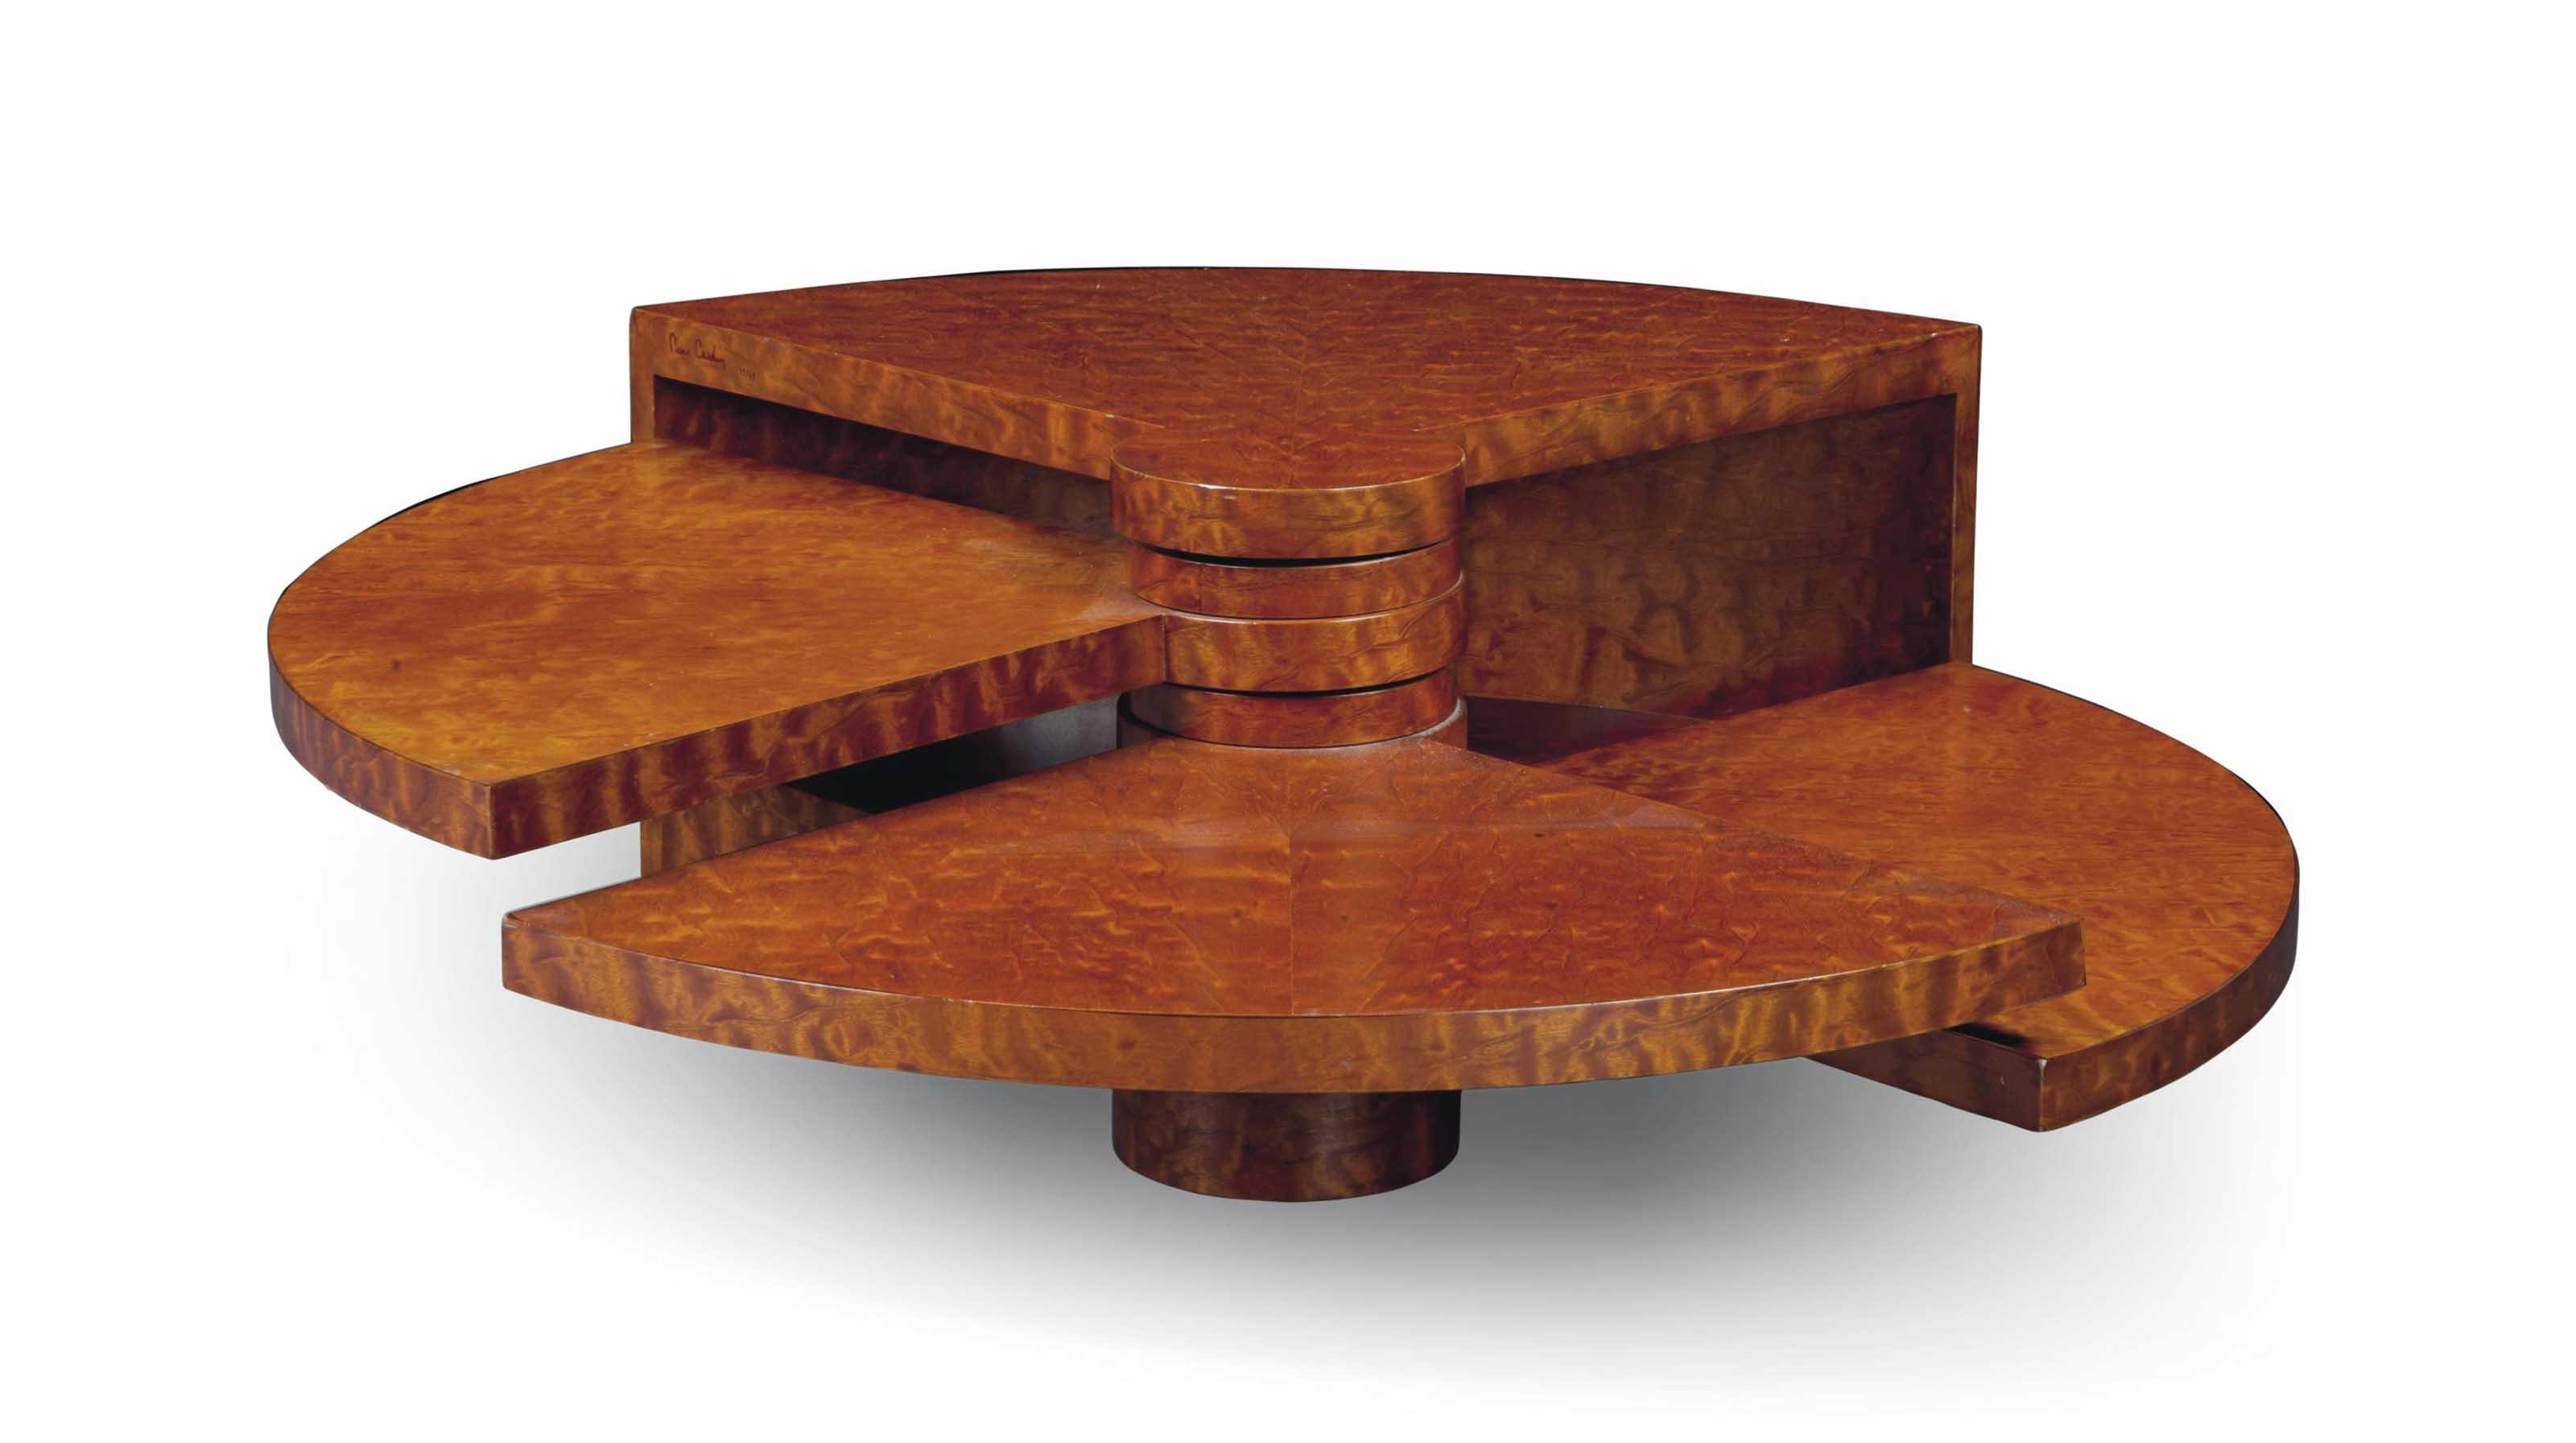 A PIERRE CARDIN (B. 1922) BURLWOOD 'FAN' COFFEE TABLE